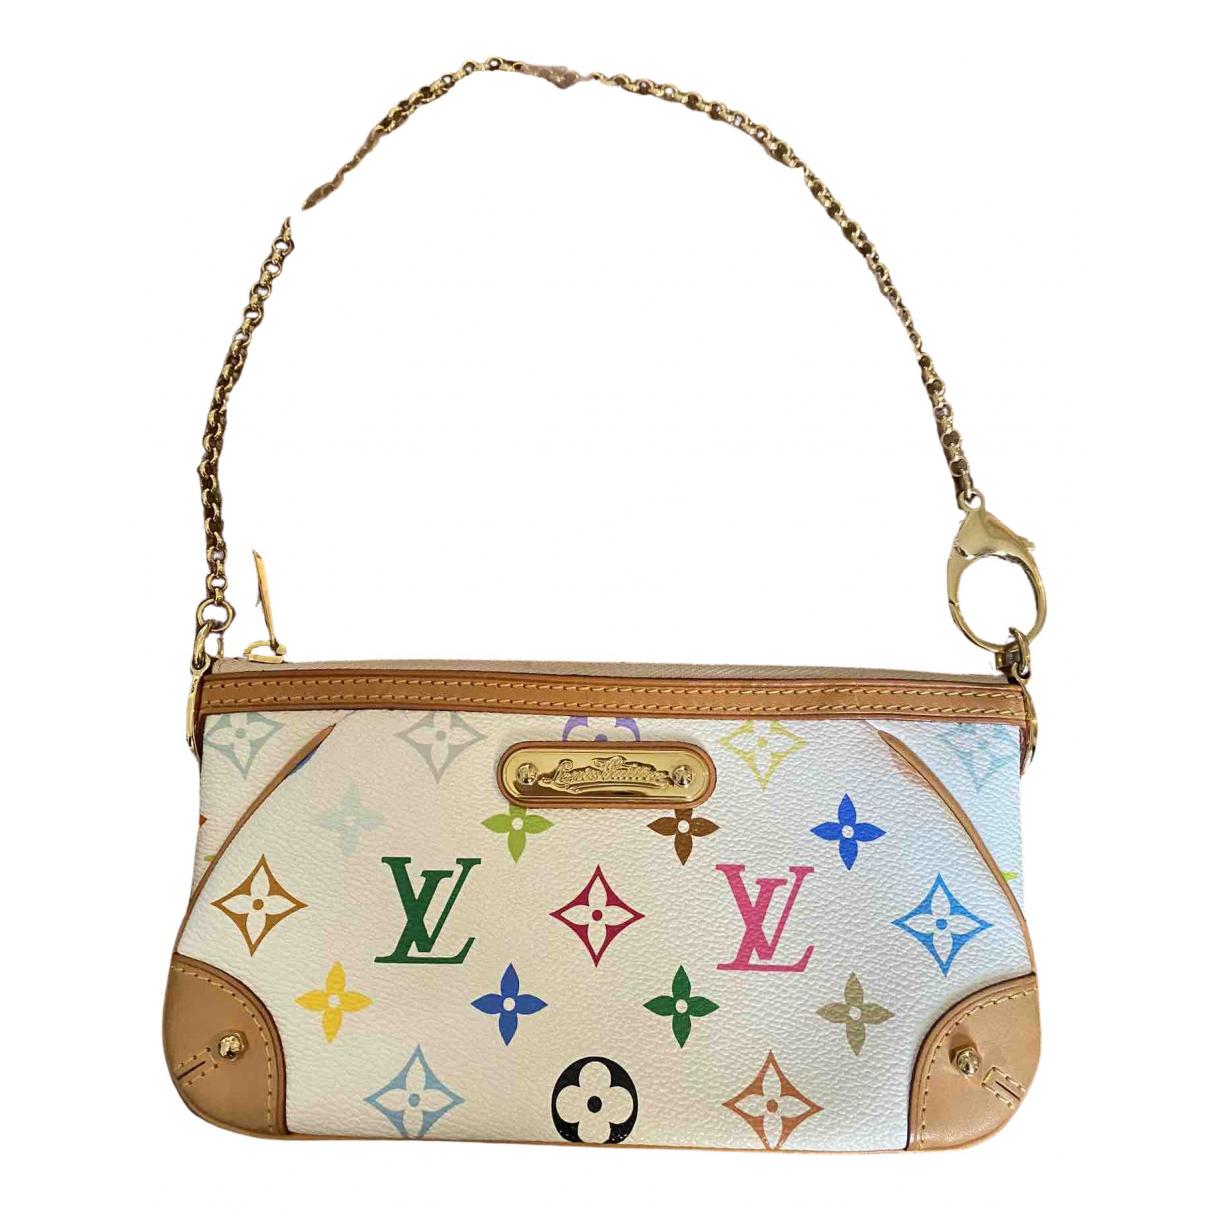 Louis Vuitton N Multicolour Cloth Clutch bag for Women N